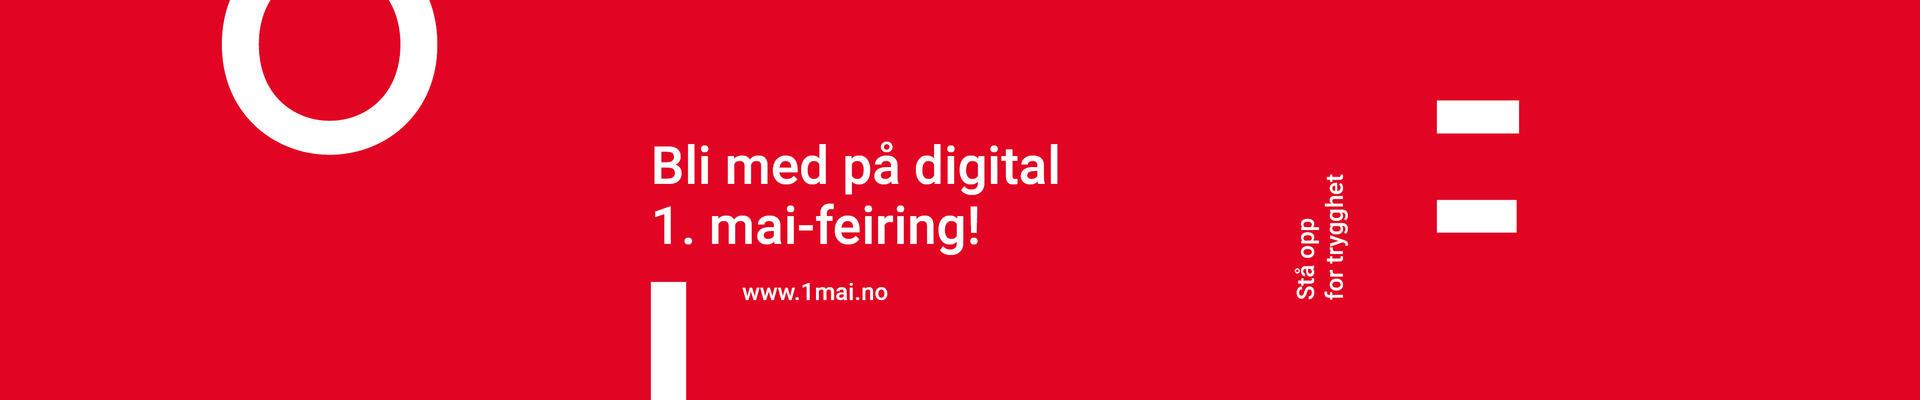 Bli med å feire tidenes første digitale 1. mai. Det blir tog, digitale appeller, livesending på Facebook og mye mer.